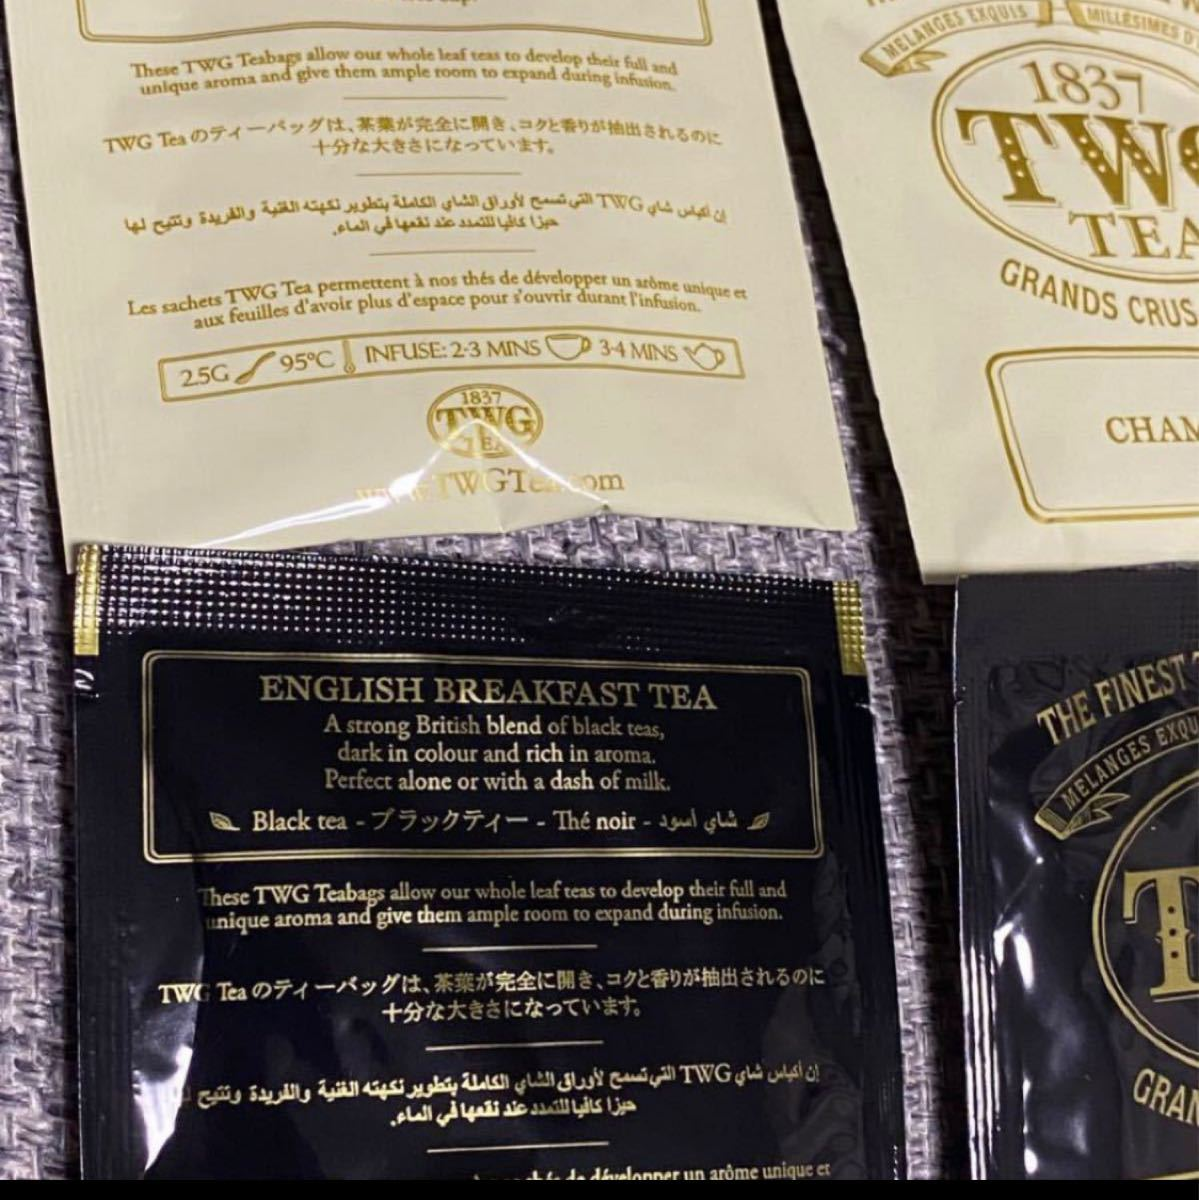 TWG  シンガポール アールグレイ イングリッシュブレックファーストティー カモミールティー バーボンバニラ お土産 高級紅茶